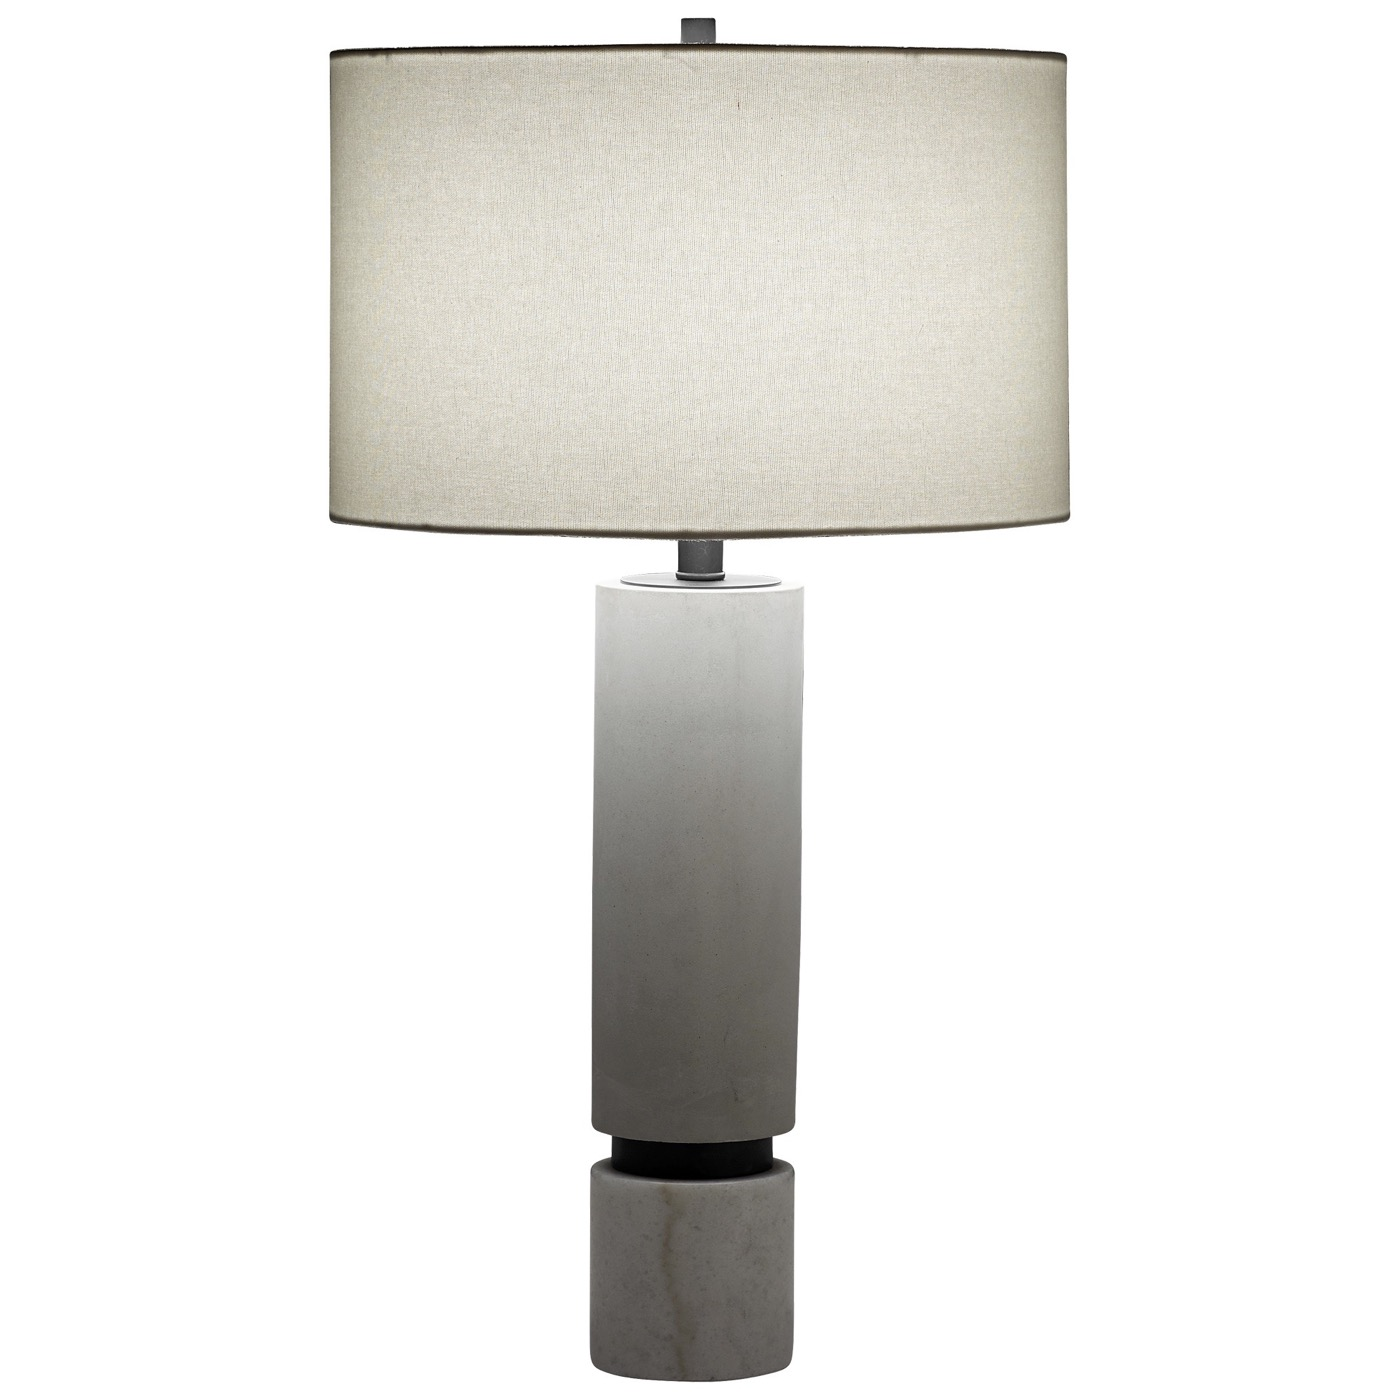 Zoran Concrete Table Lamp | Gunmetal